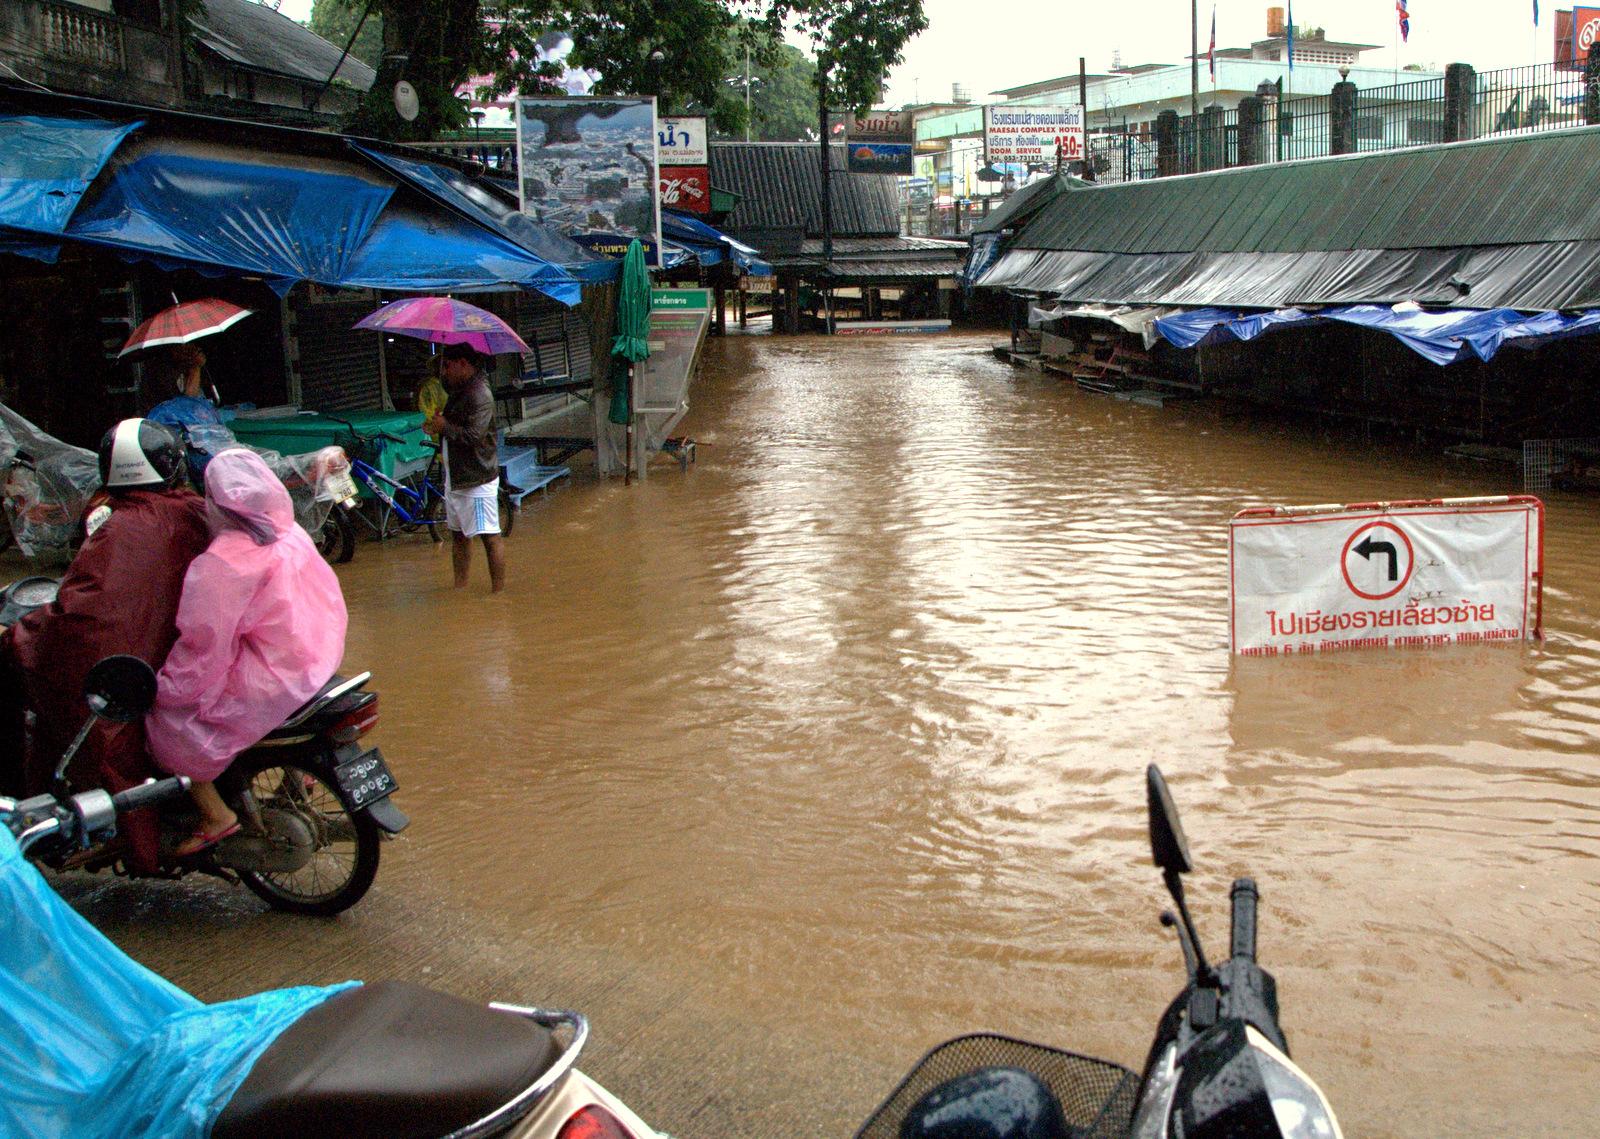 Zaliczyć Birmę, spróbować kasztanów i uciec przed powodzią 138